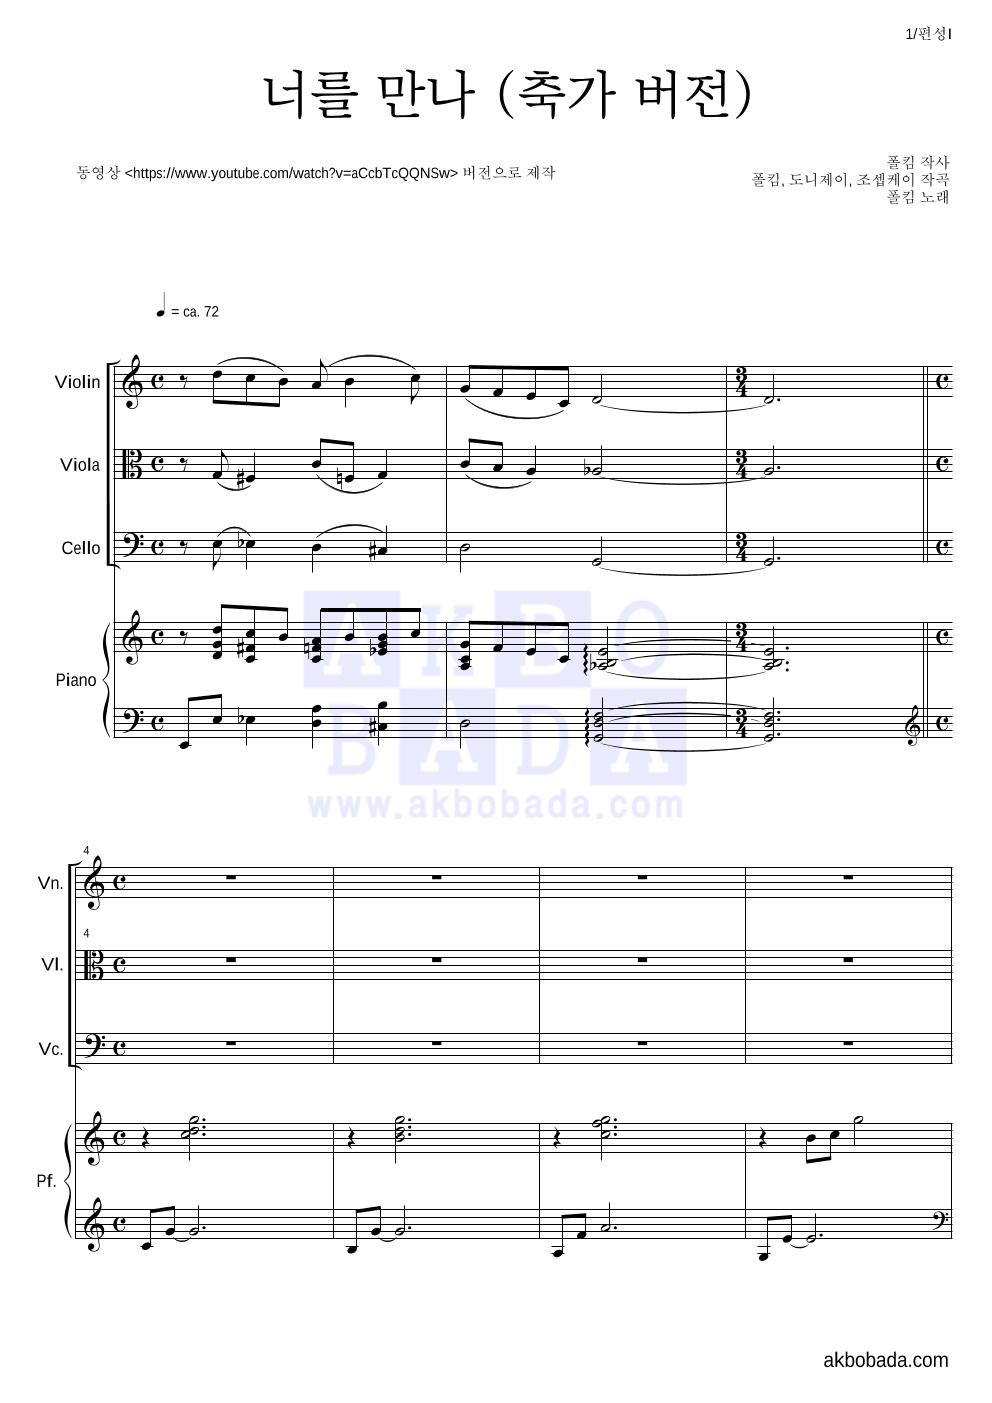 폴킴 - 너를 만나 (축가 버전) 편성Ⅰ 악보